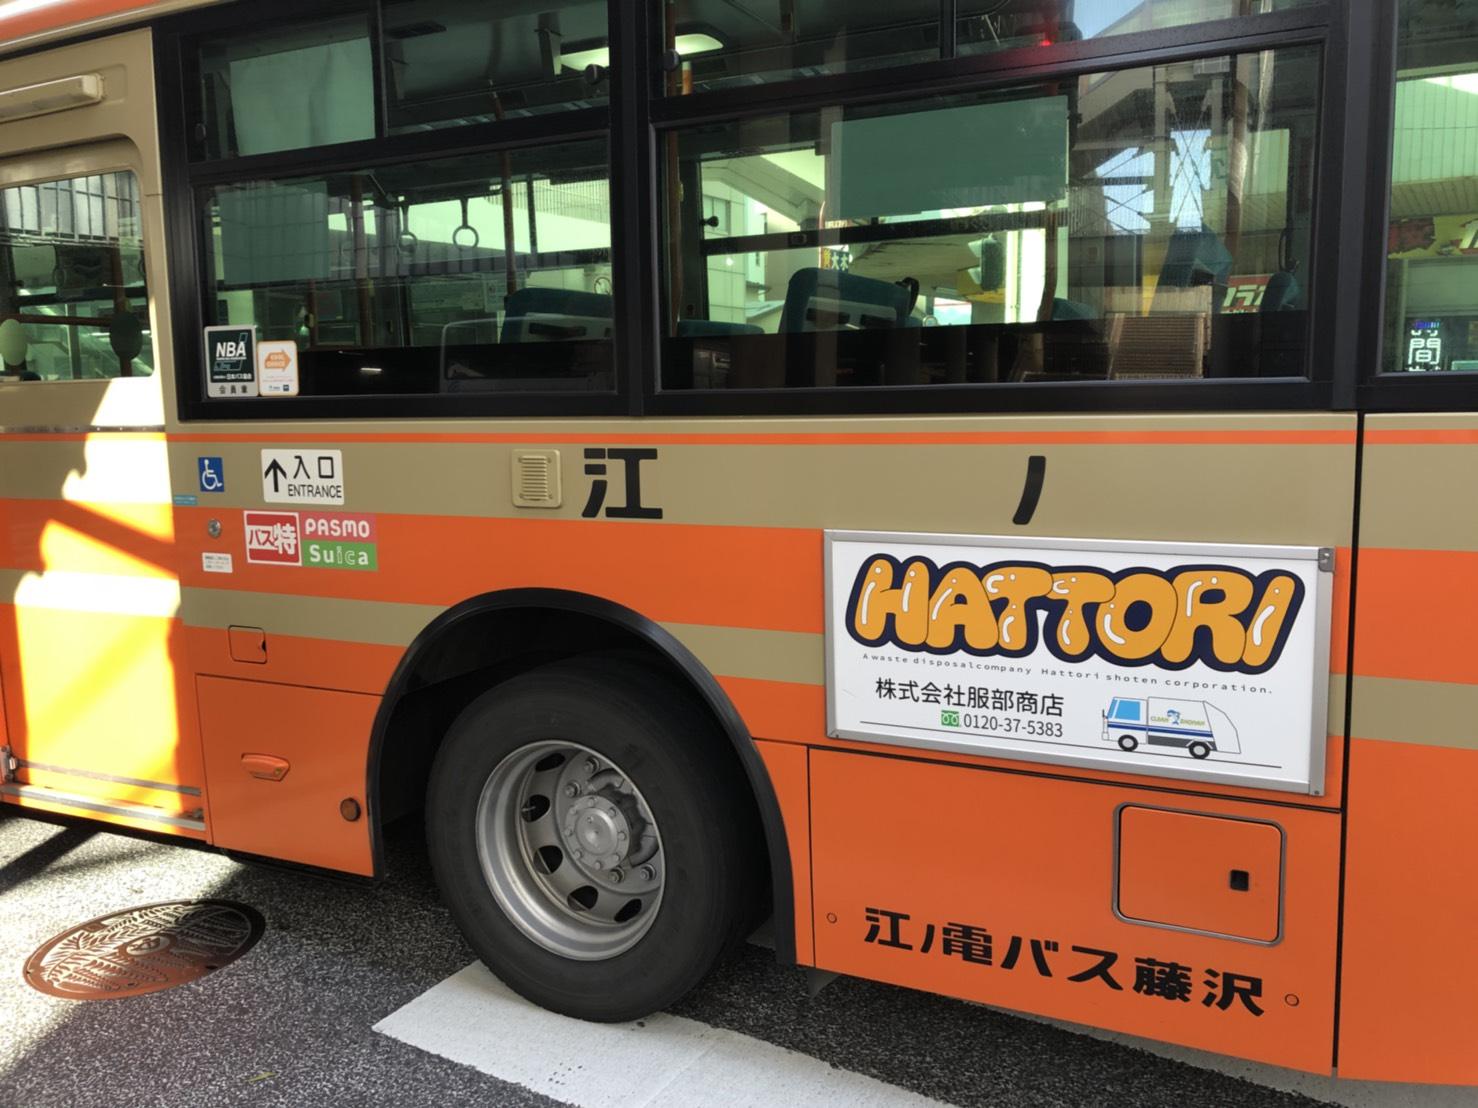 服部商店 江ノ電バス広告②